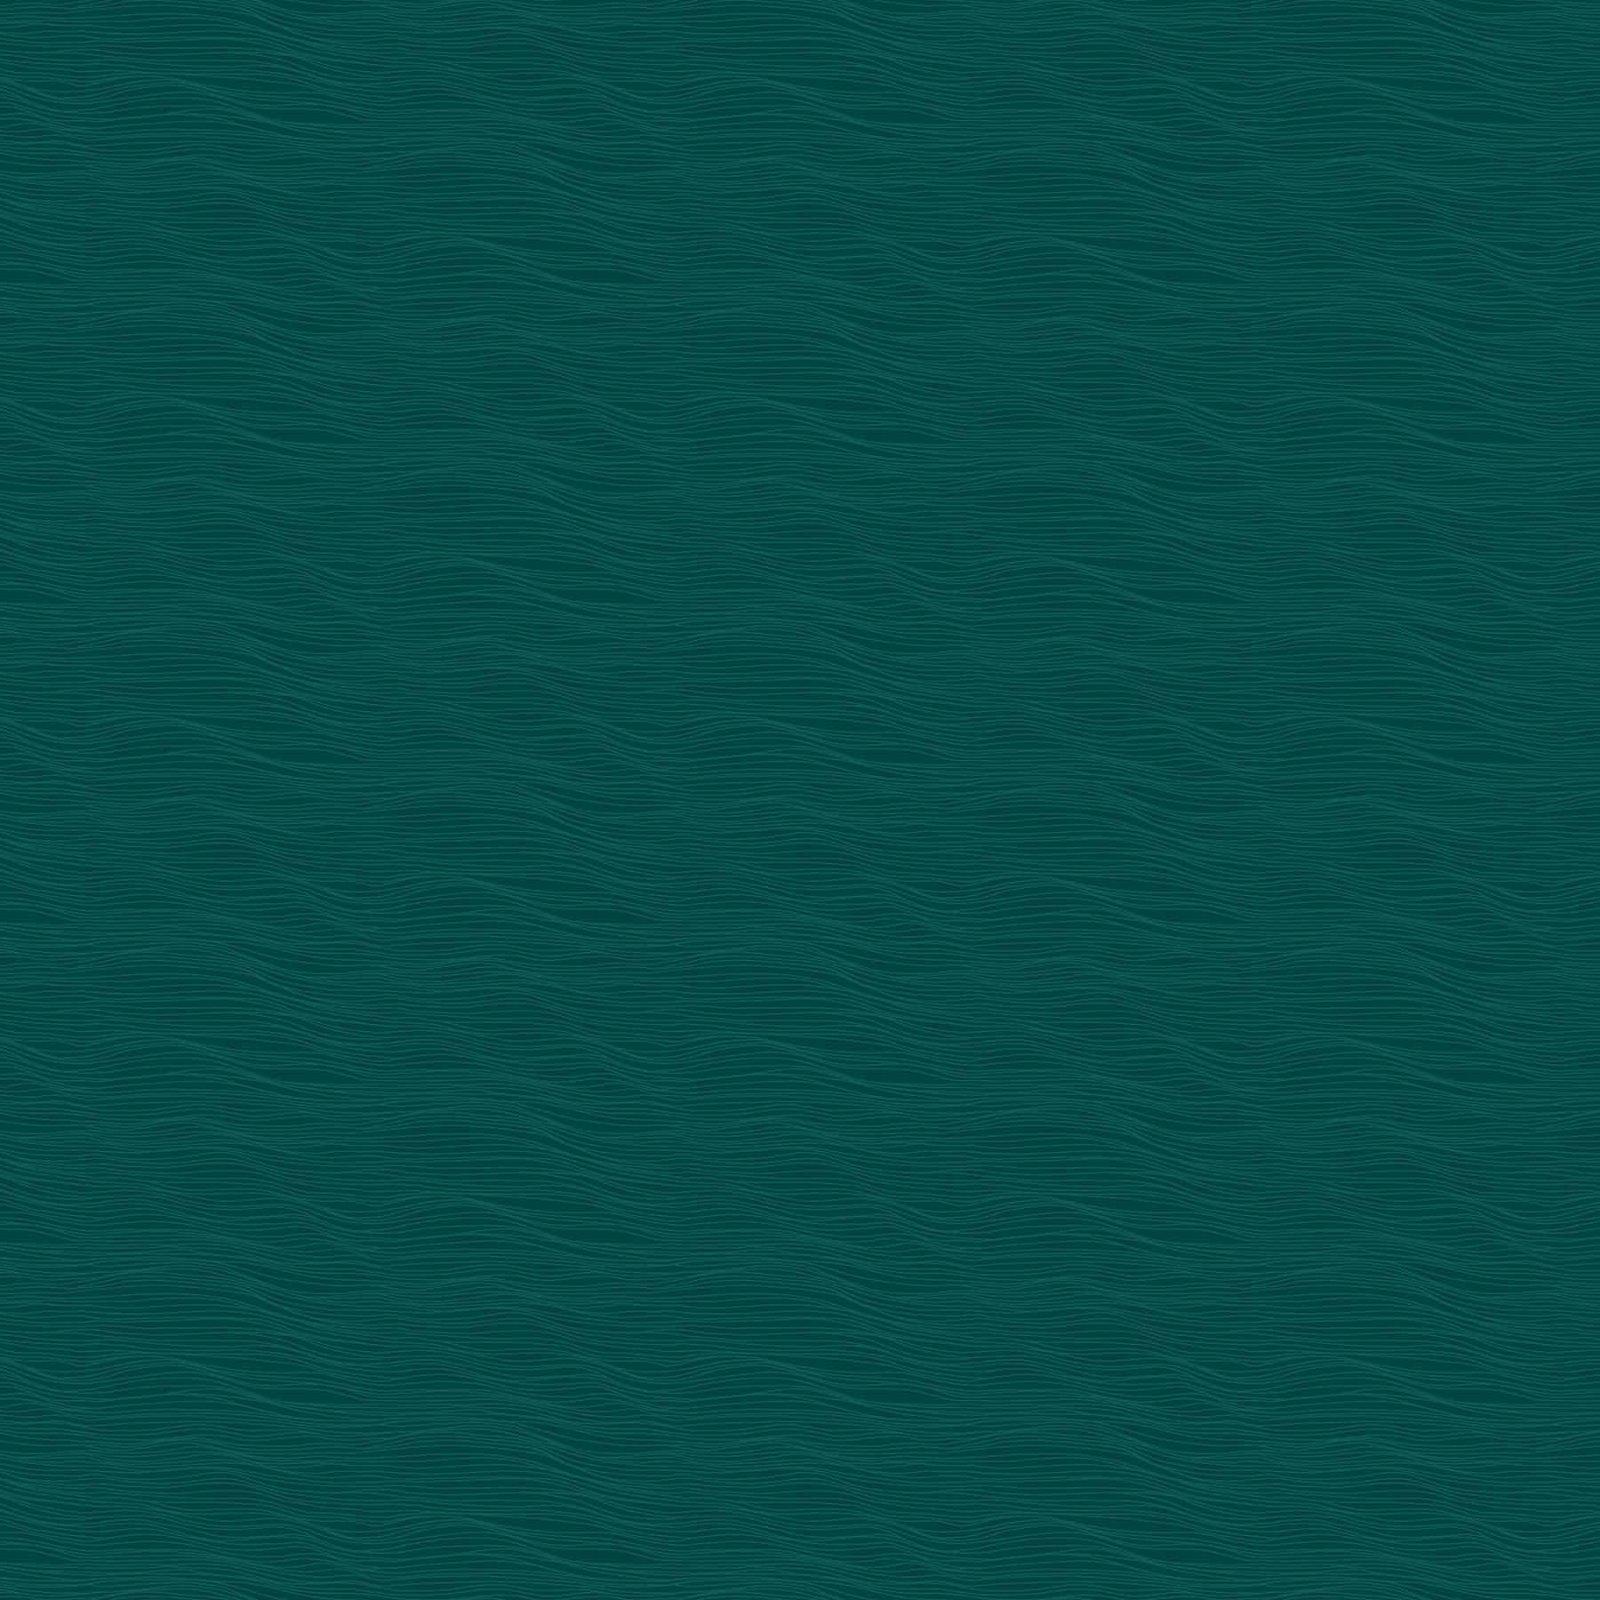 Elements in Jade